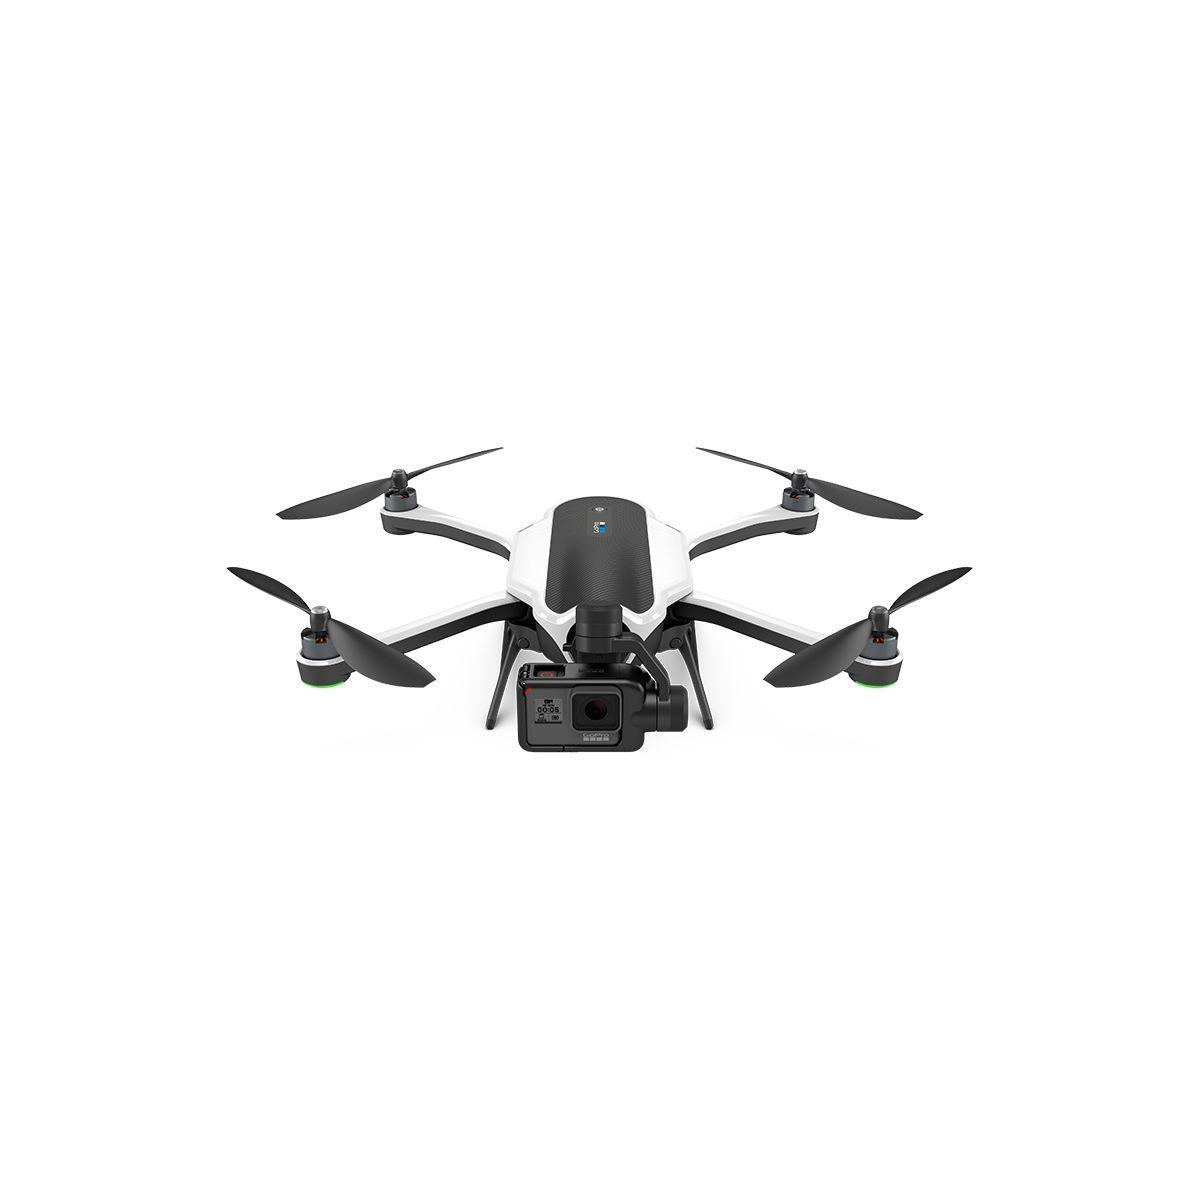 Drones gopro karma - coup de coeur de l'équipe (photo)